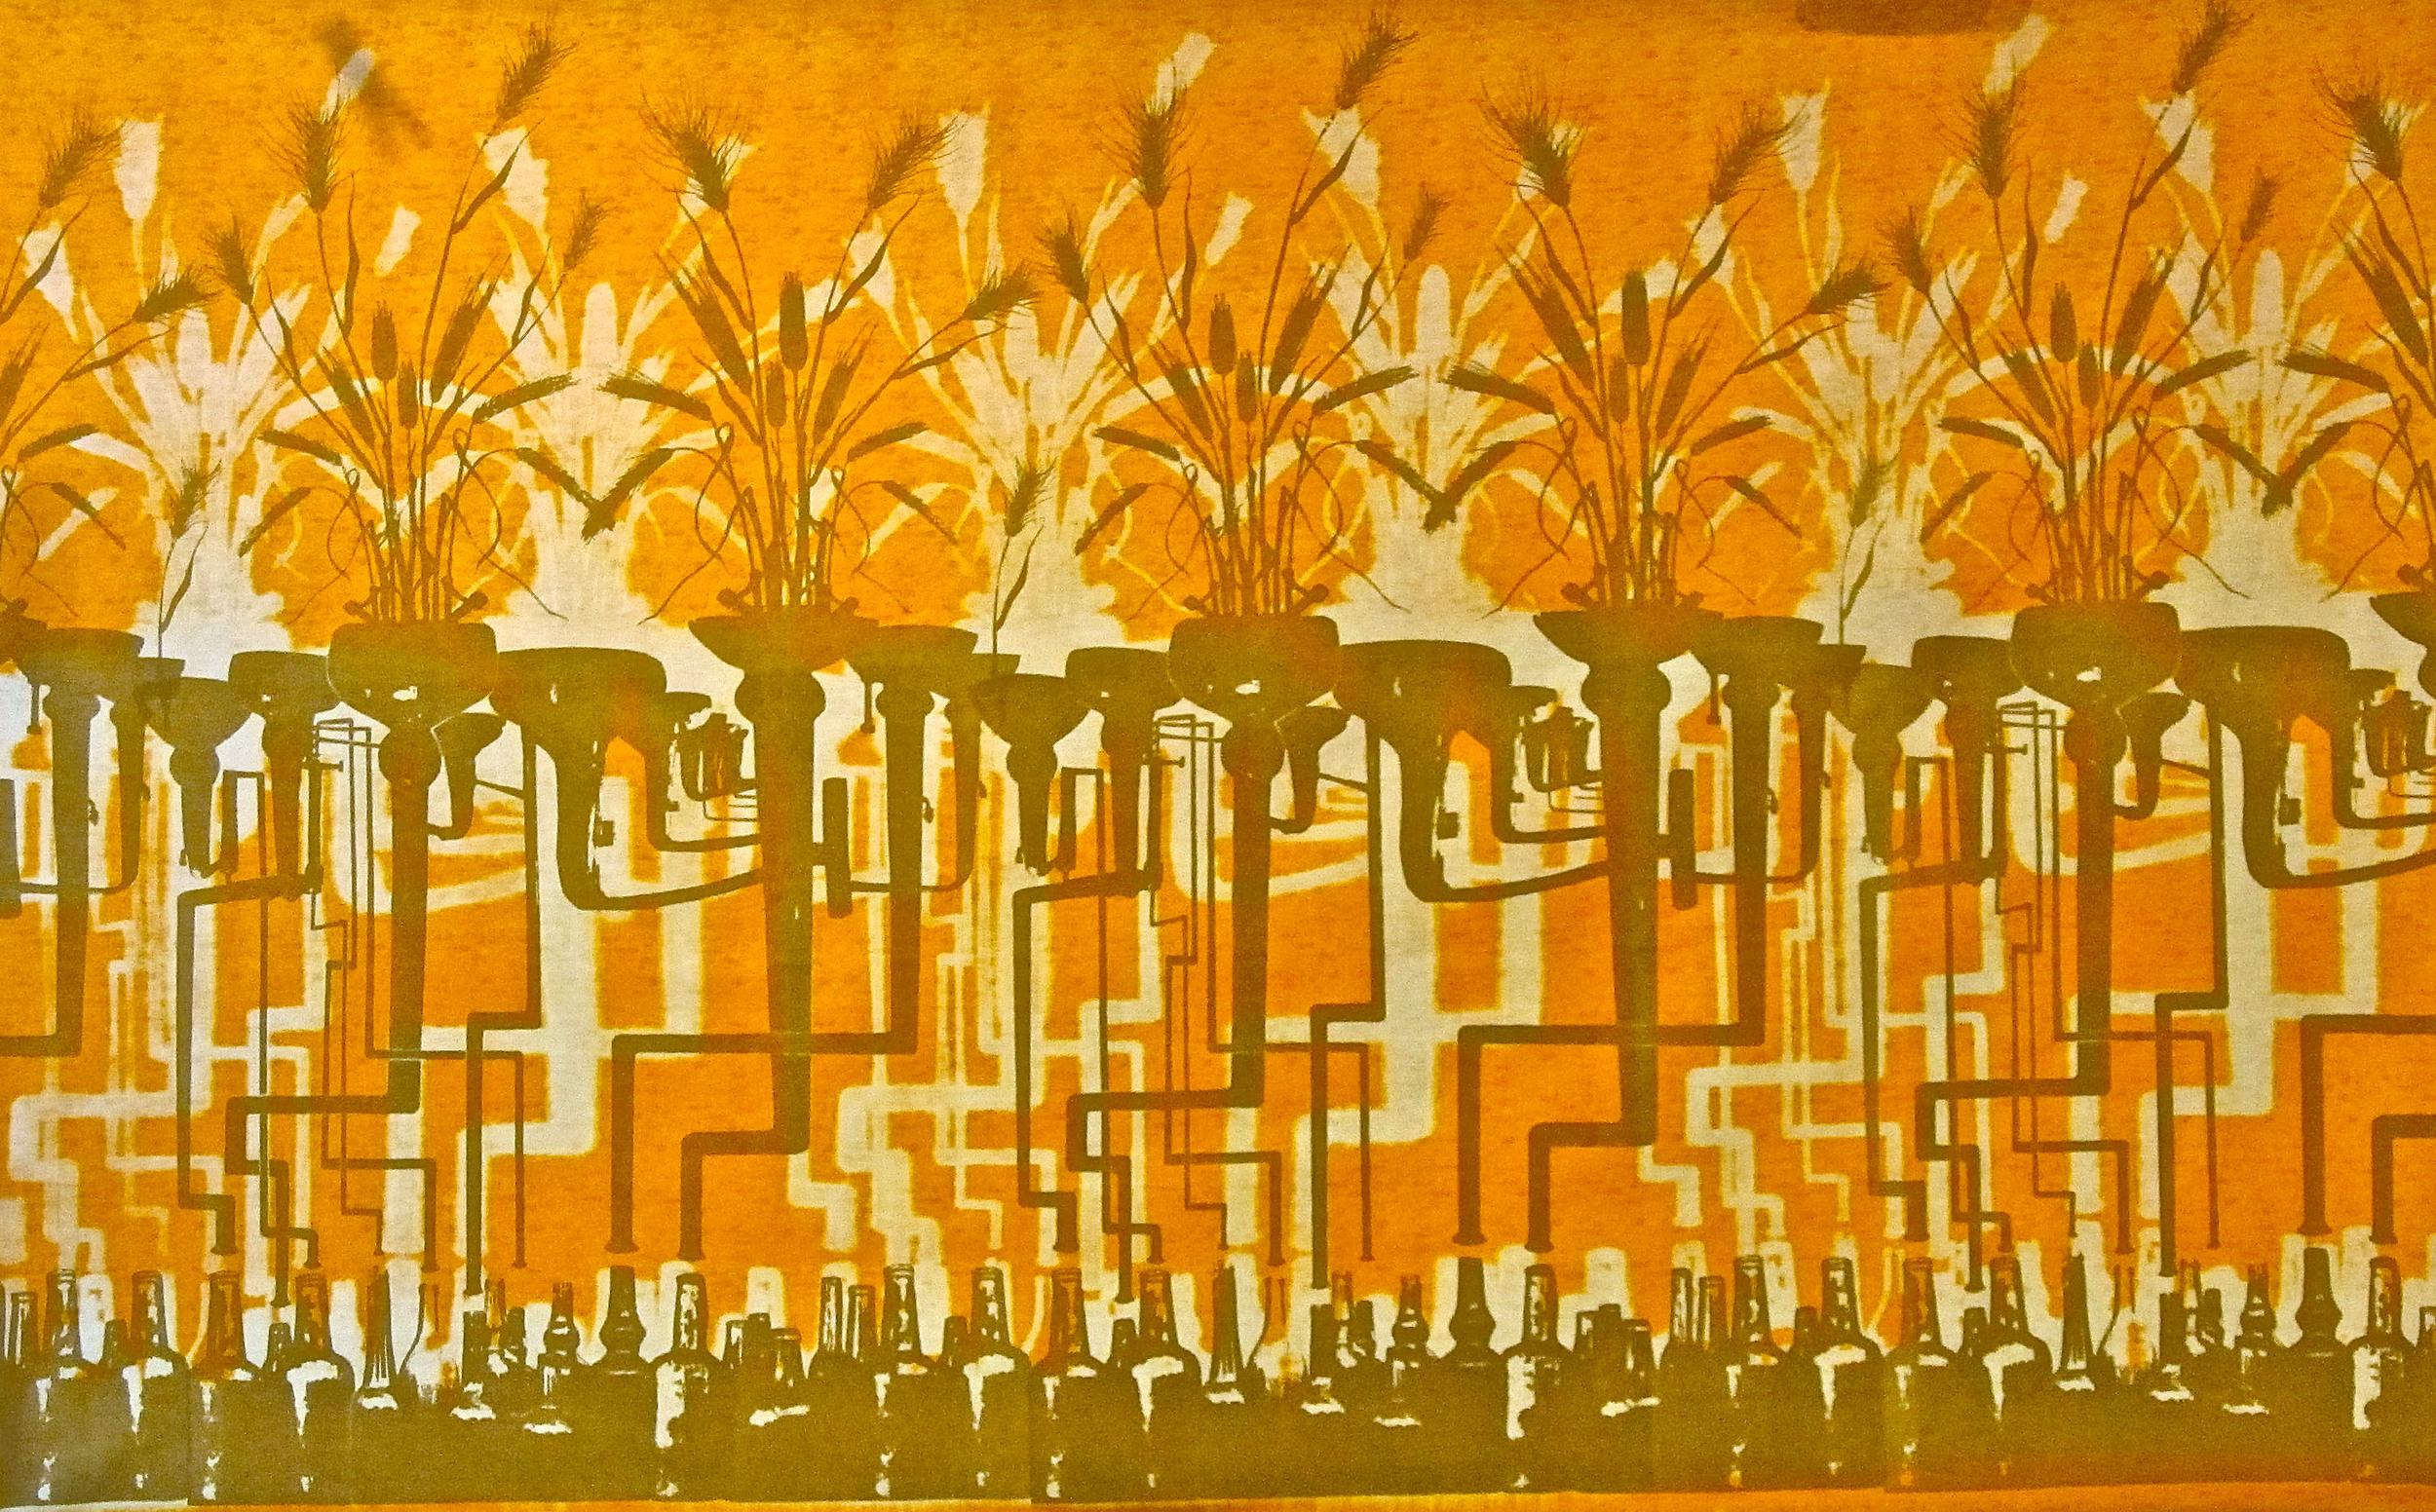 Whiskey print. Screen-printed dye on cotton.